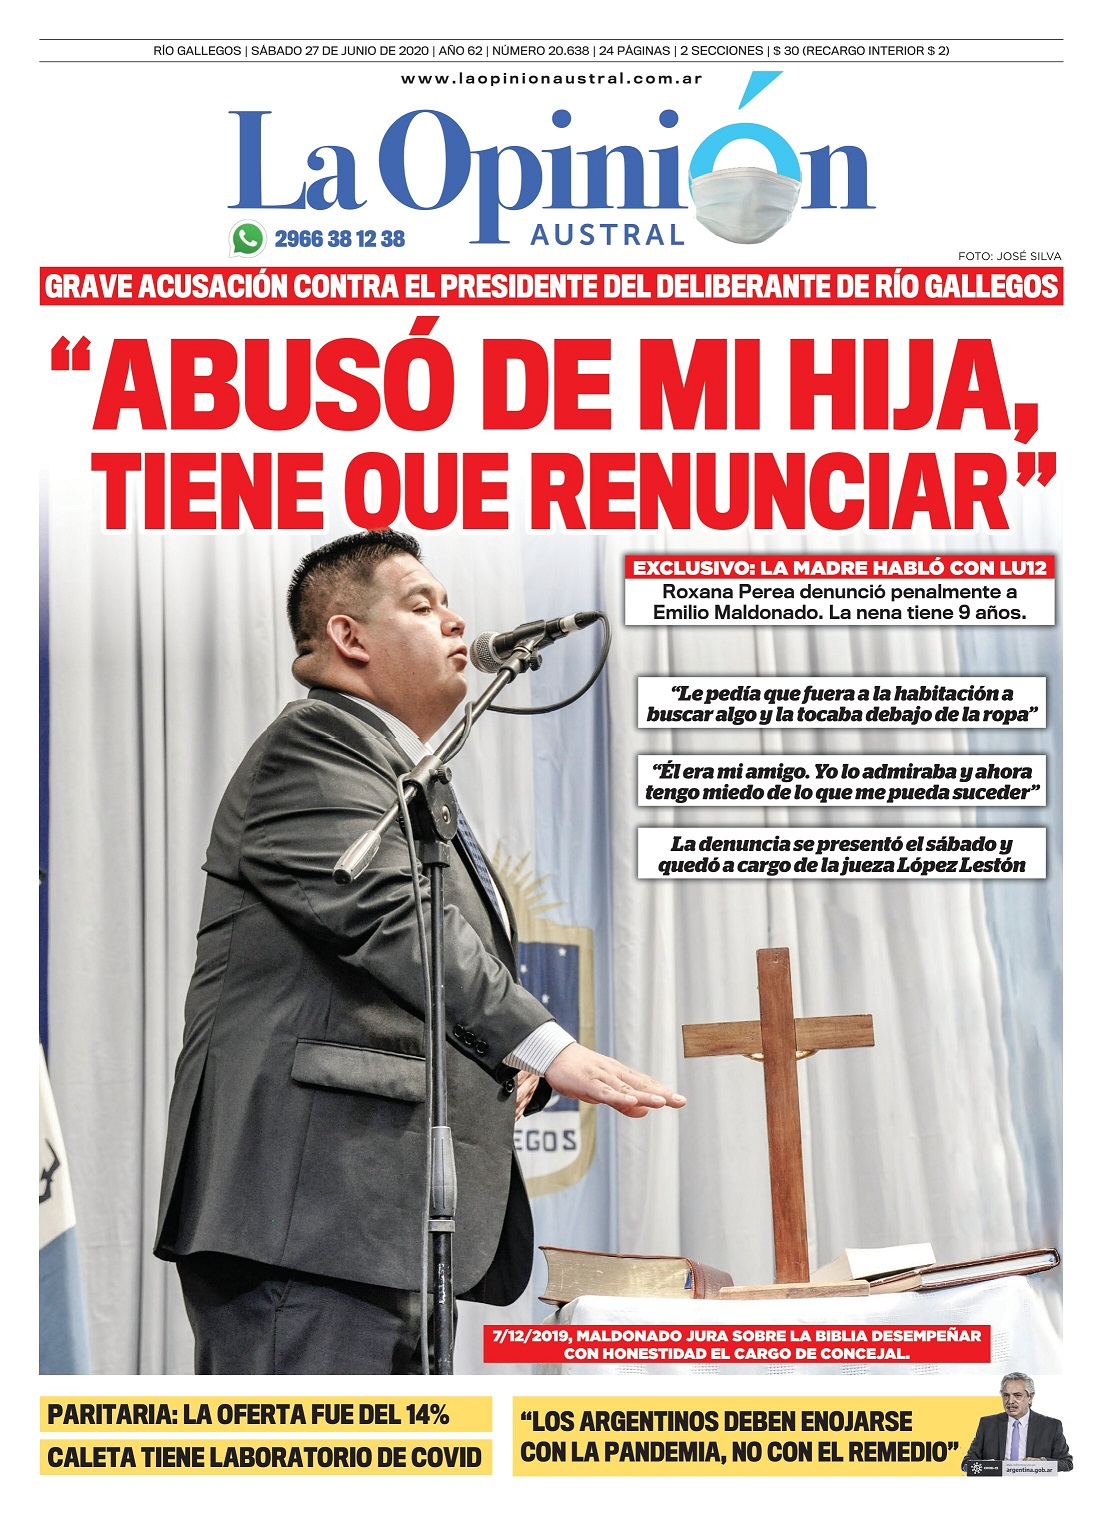 Tapa de La Opinión Austral el día después de conocerse la grave denuncia al concejal Maldonado.